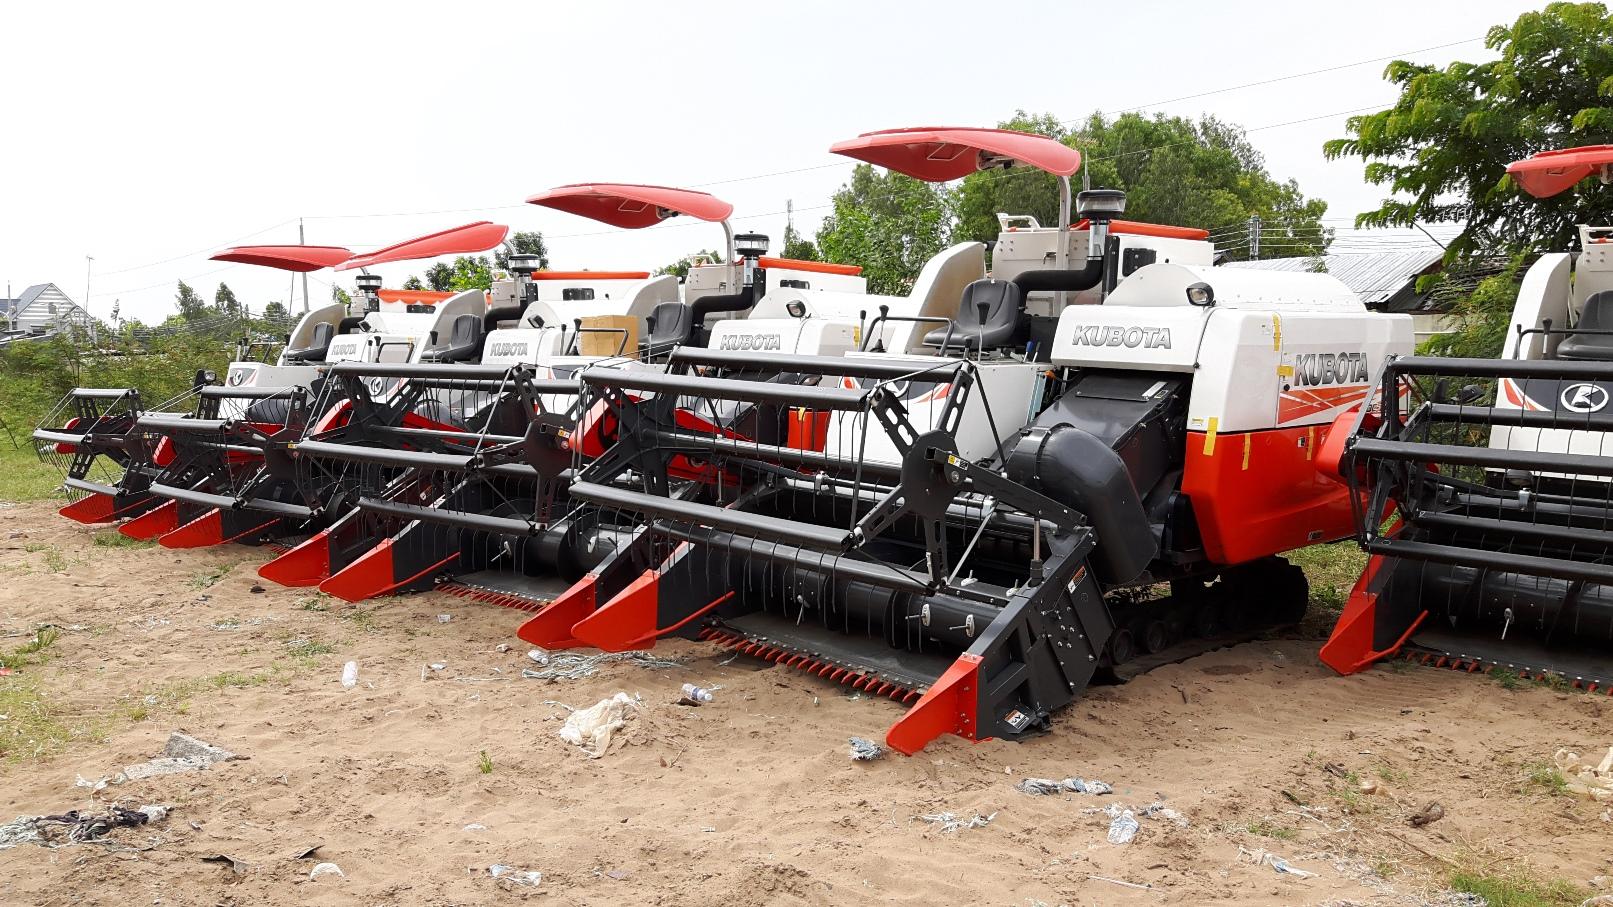 Kiểm tra chất lượng máy, thiết bị máy nông nghiệp nhập khẩu